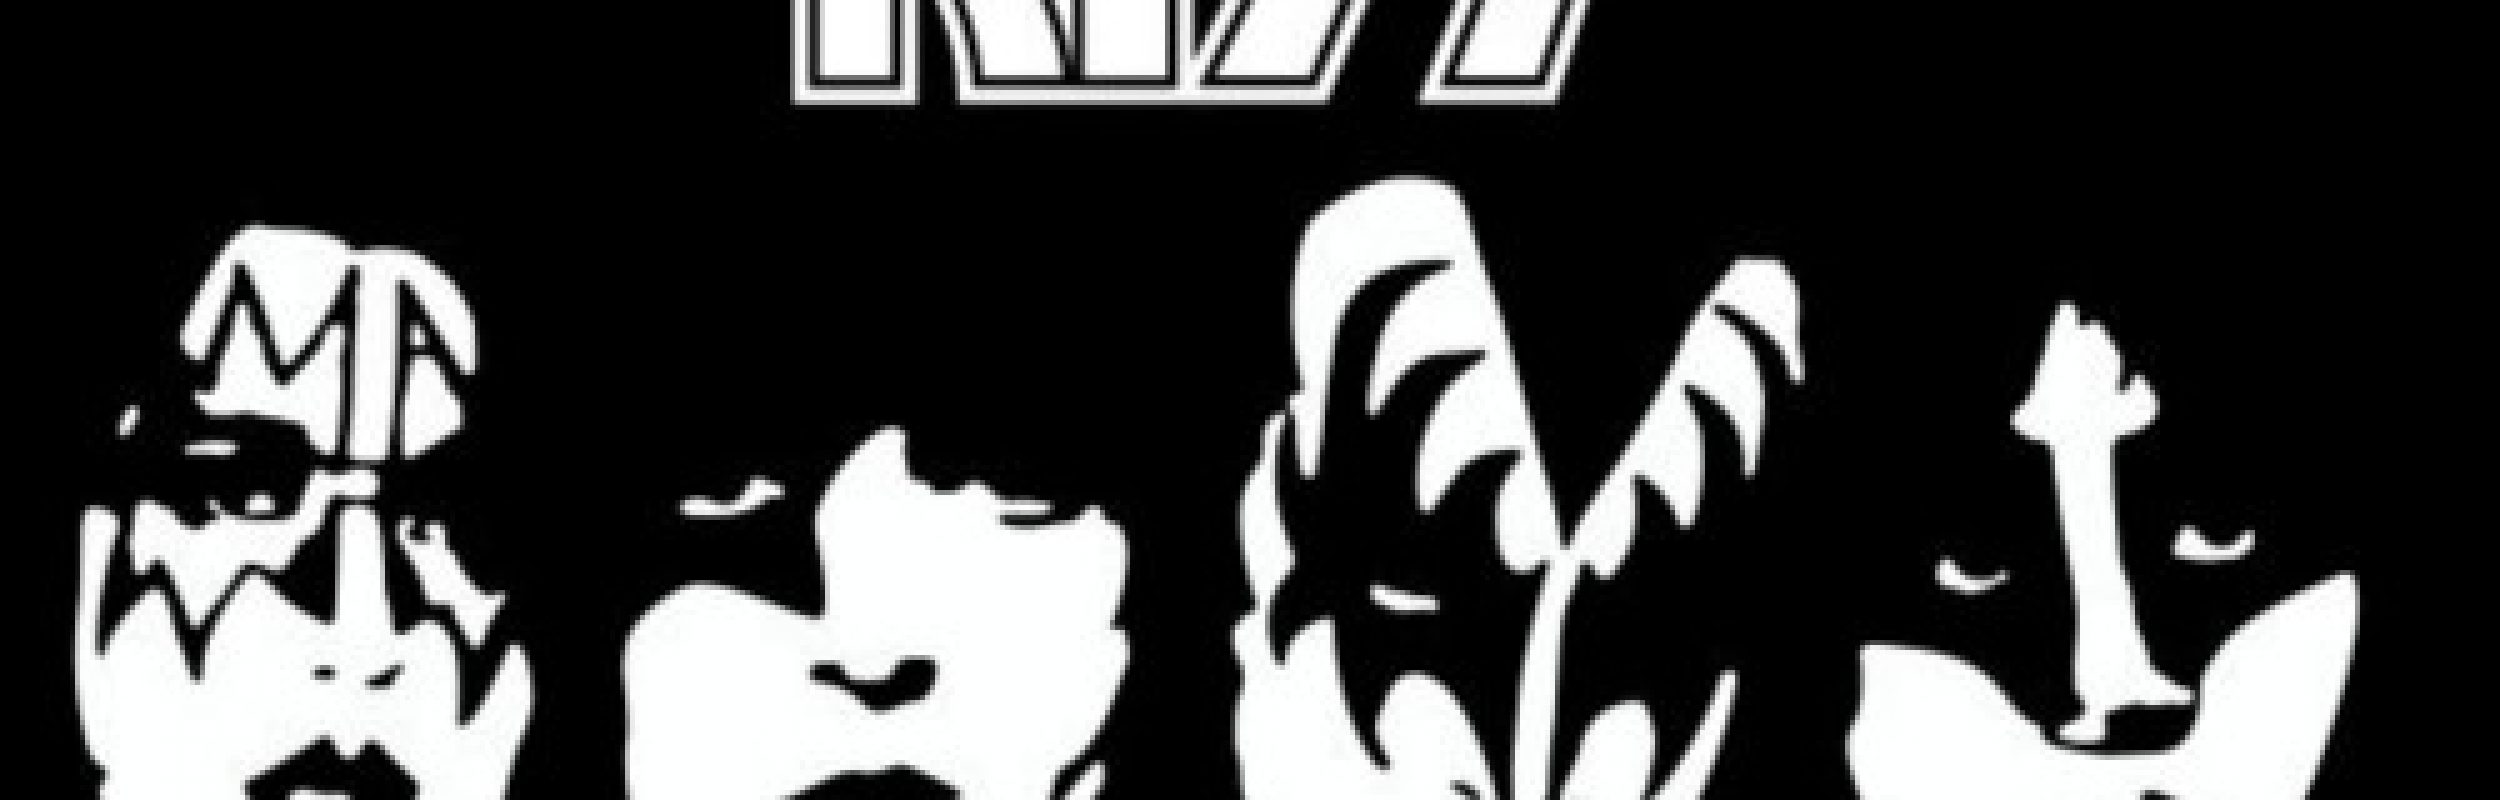 KISS : Rock en servicio a la obscuridad